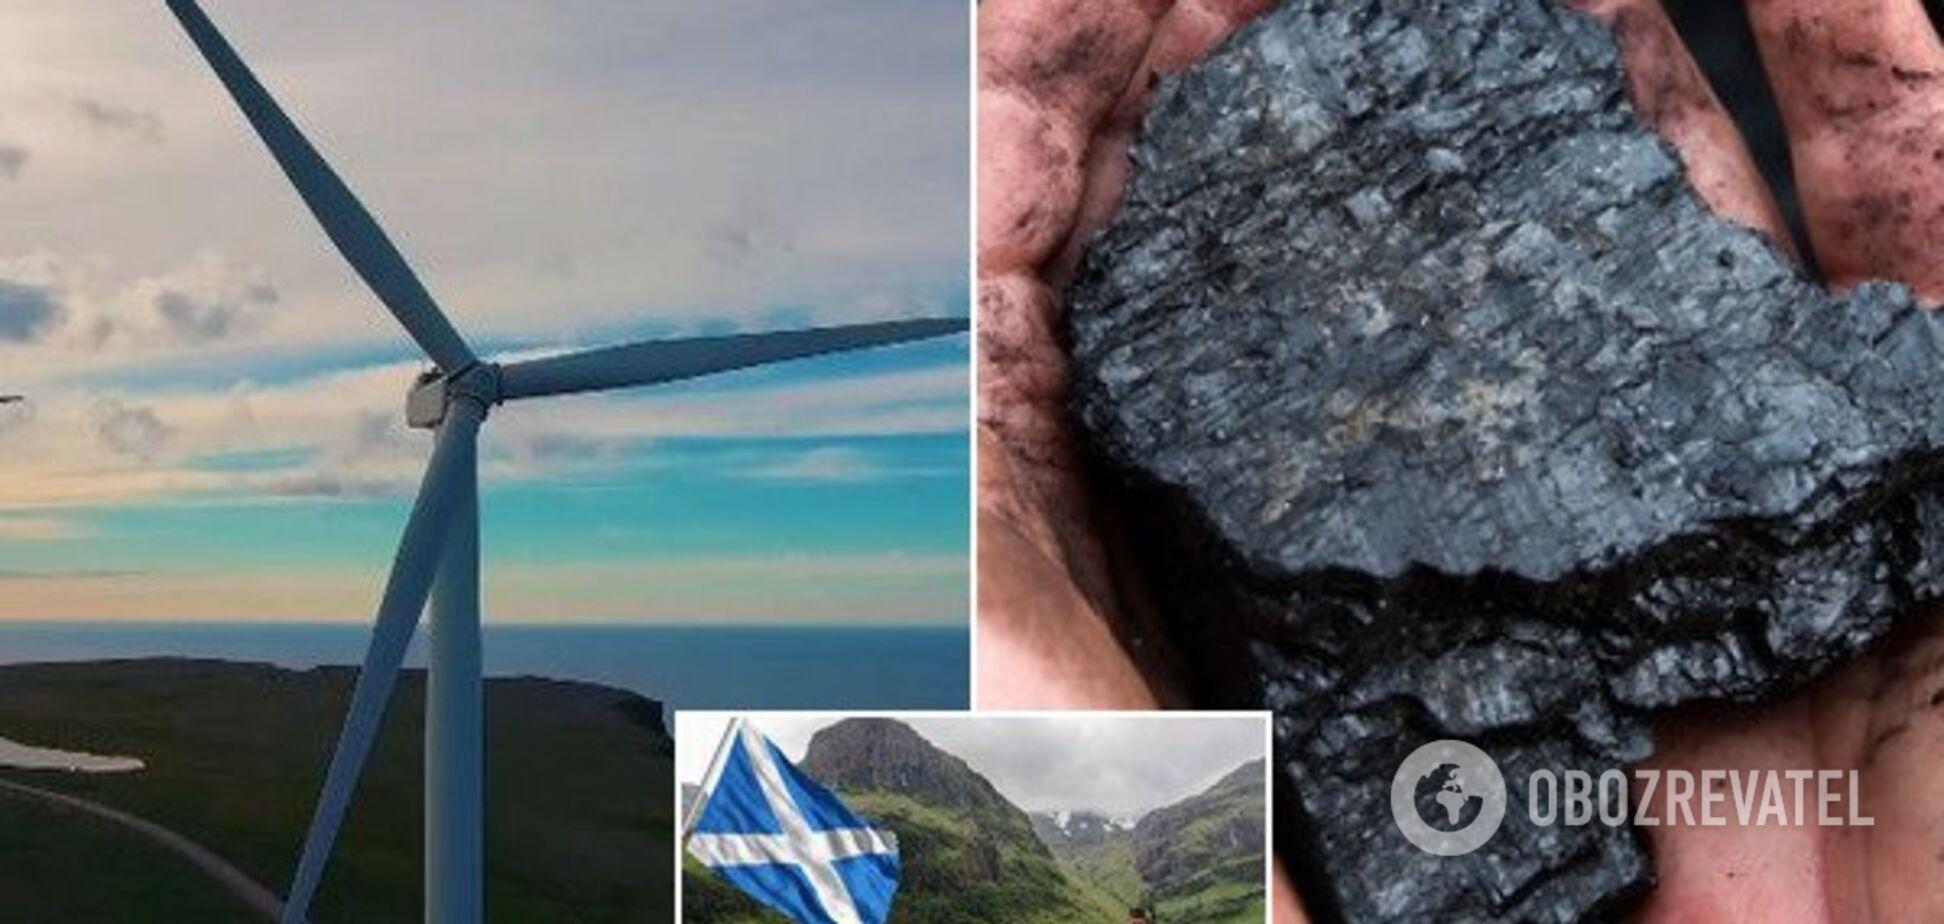 Шотландія знайшла вигоду від сильного вітру: масштаби буде важко уявити